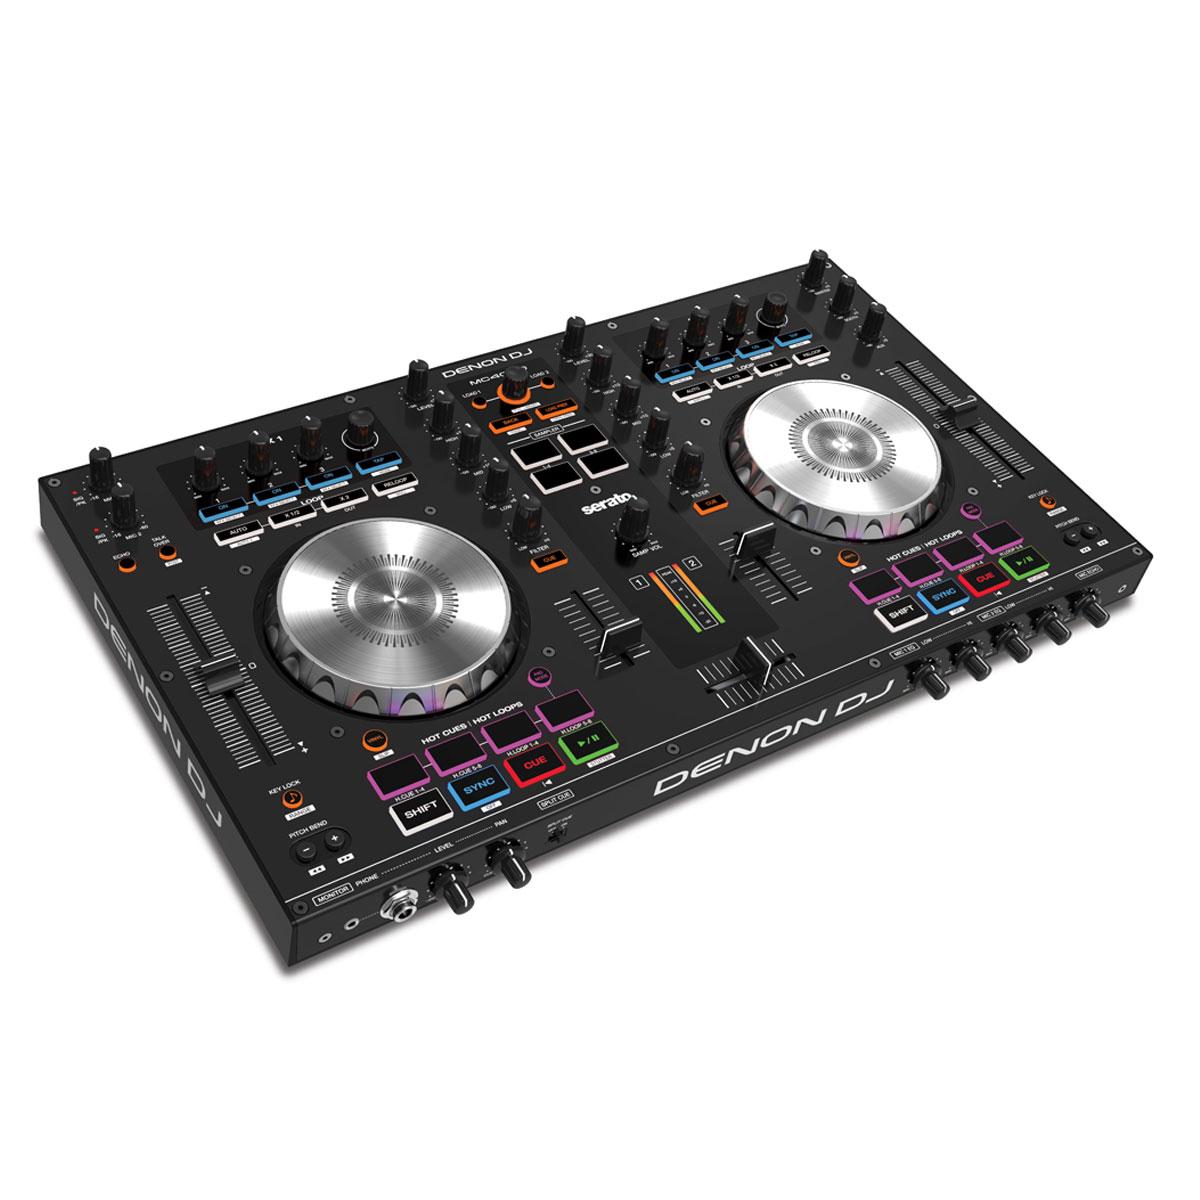 MC4000 Professional Serato Controller